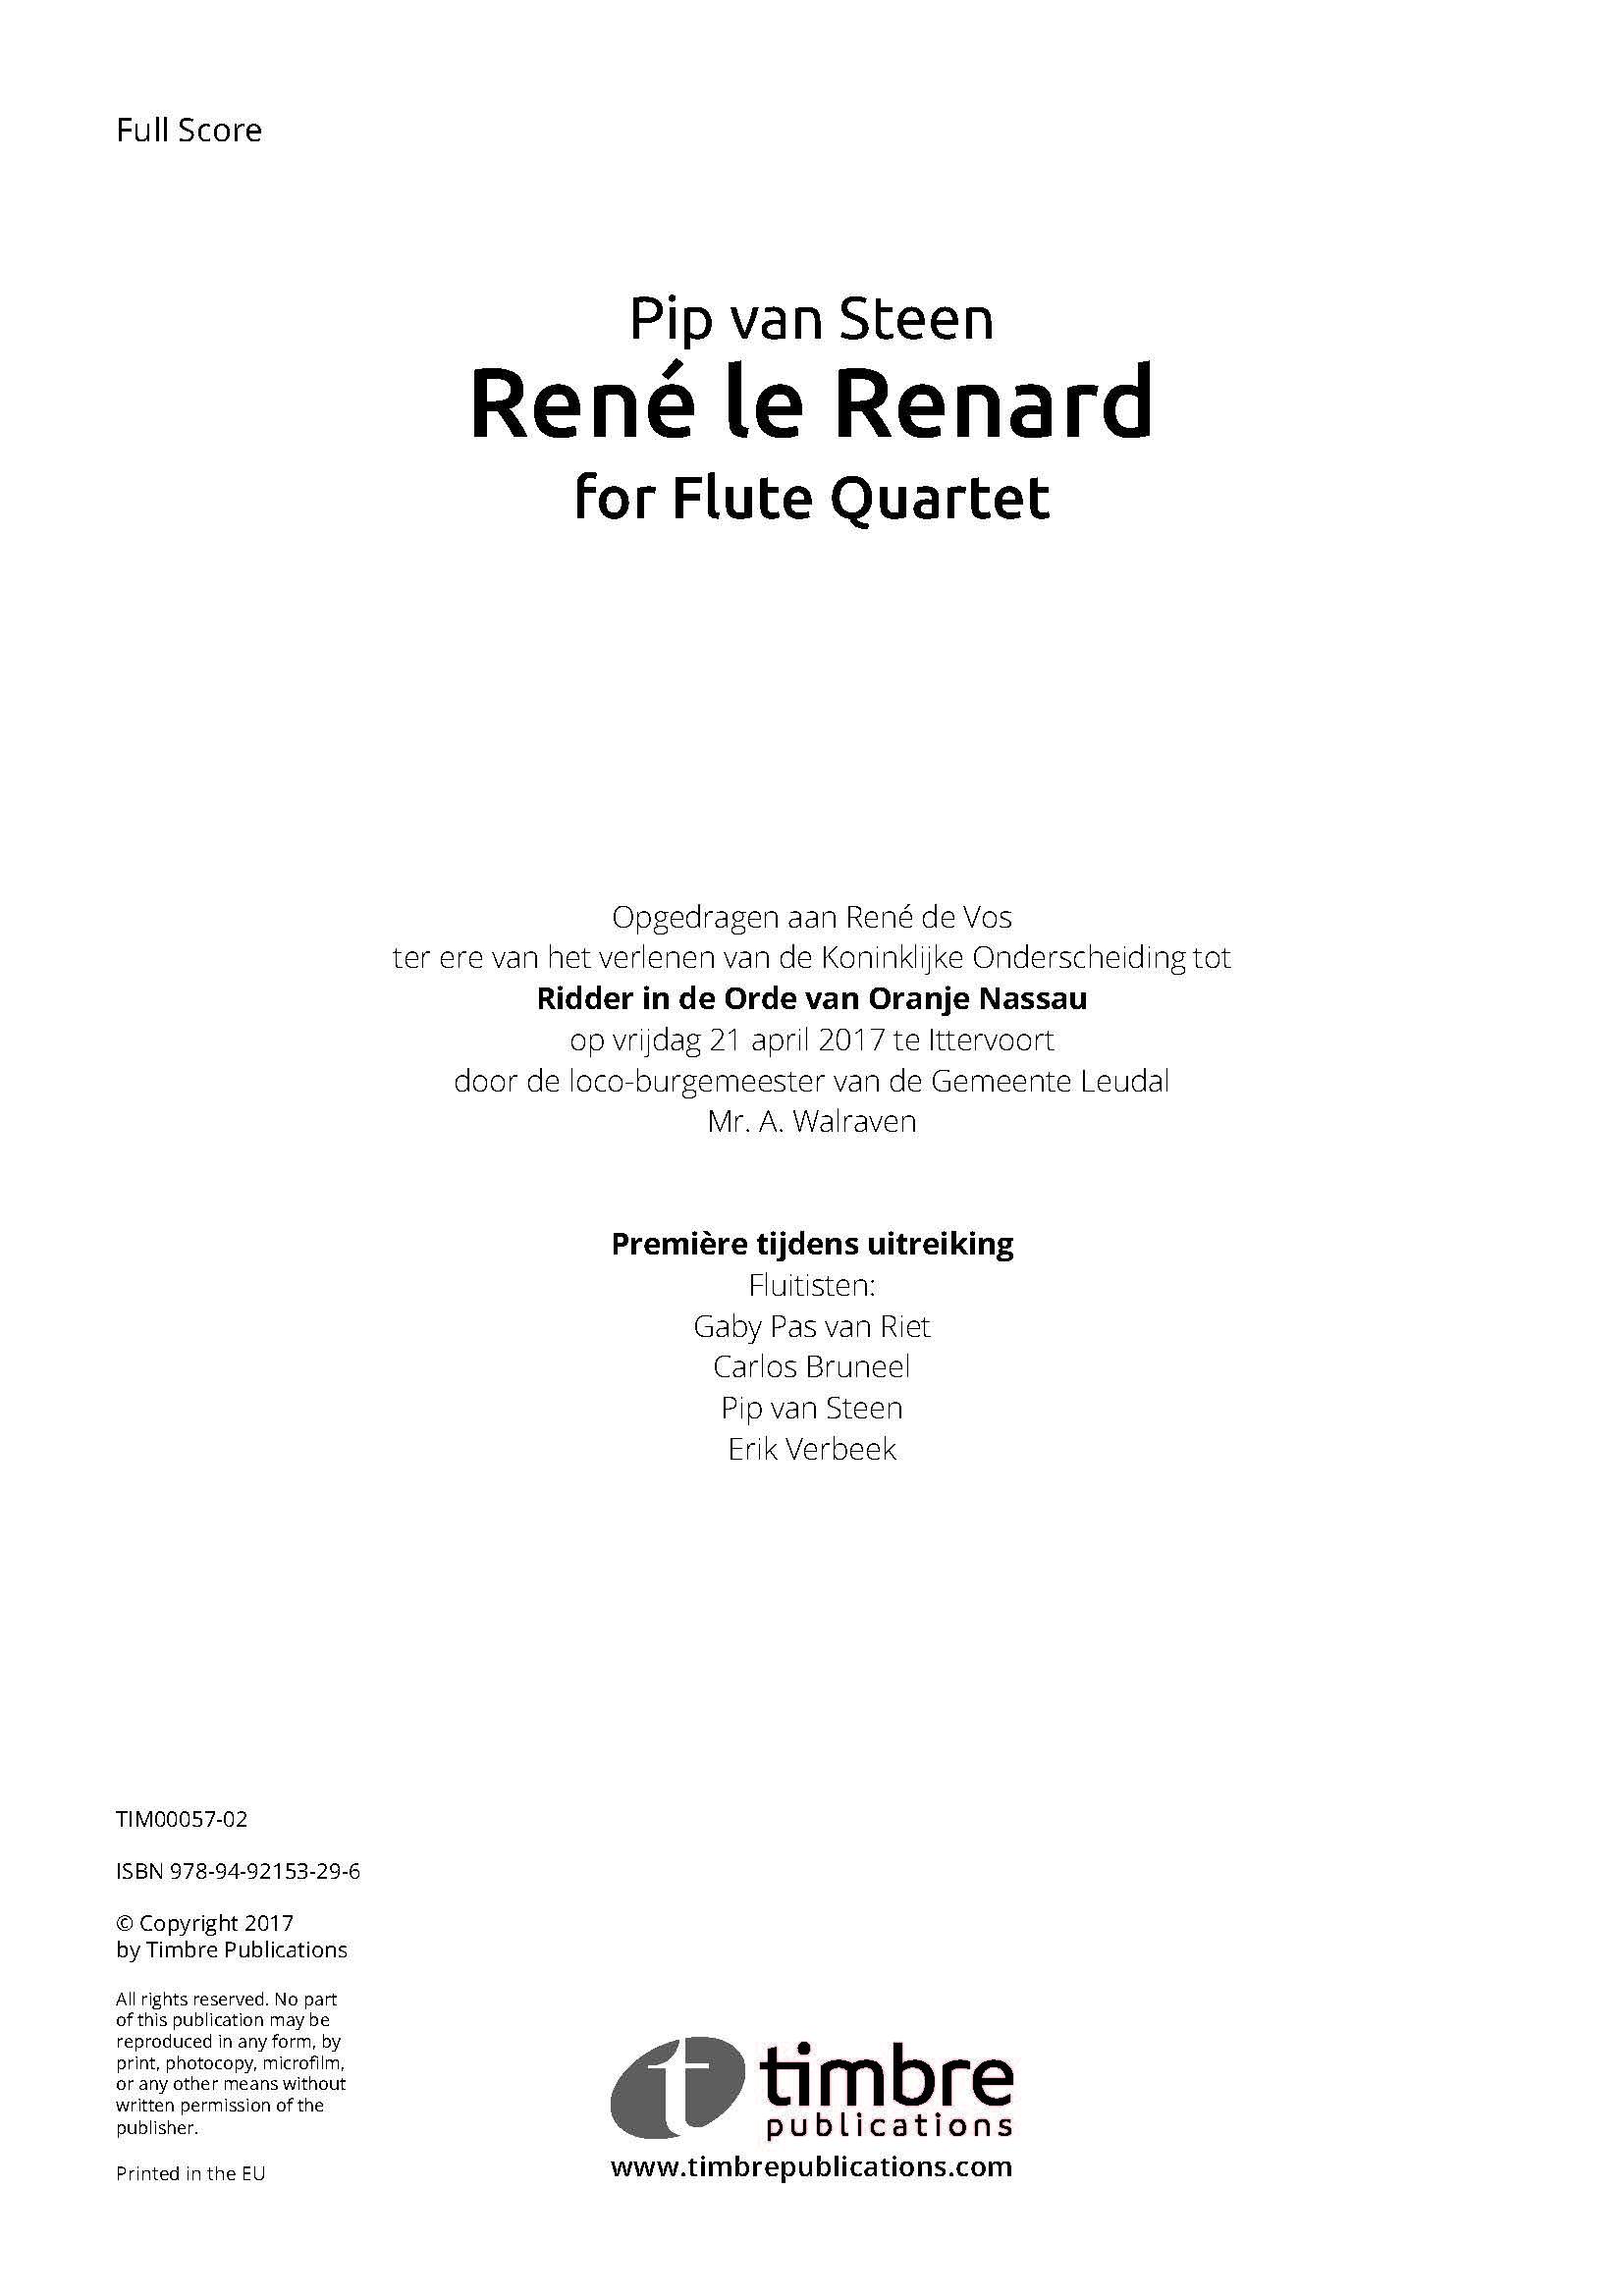 René le Renard